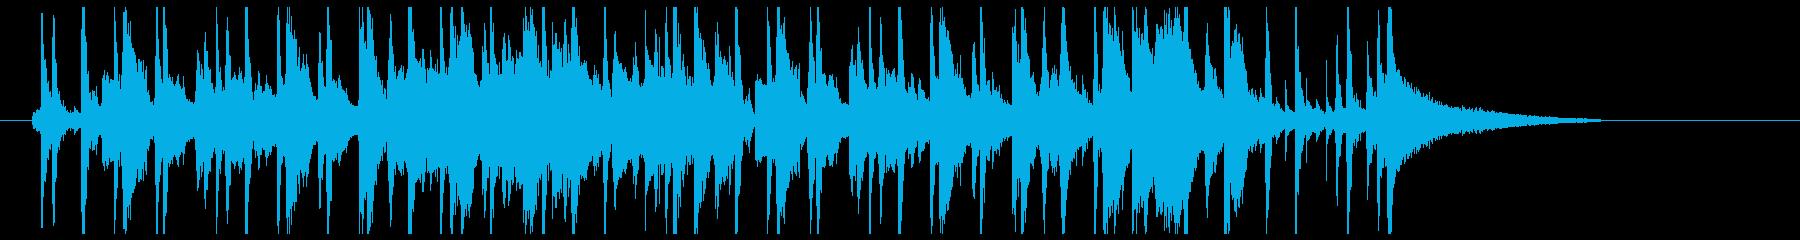 サラサラ ジャズ アクティブ 明る...の再生済みの波形